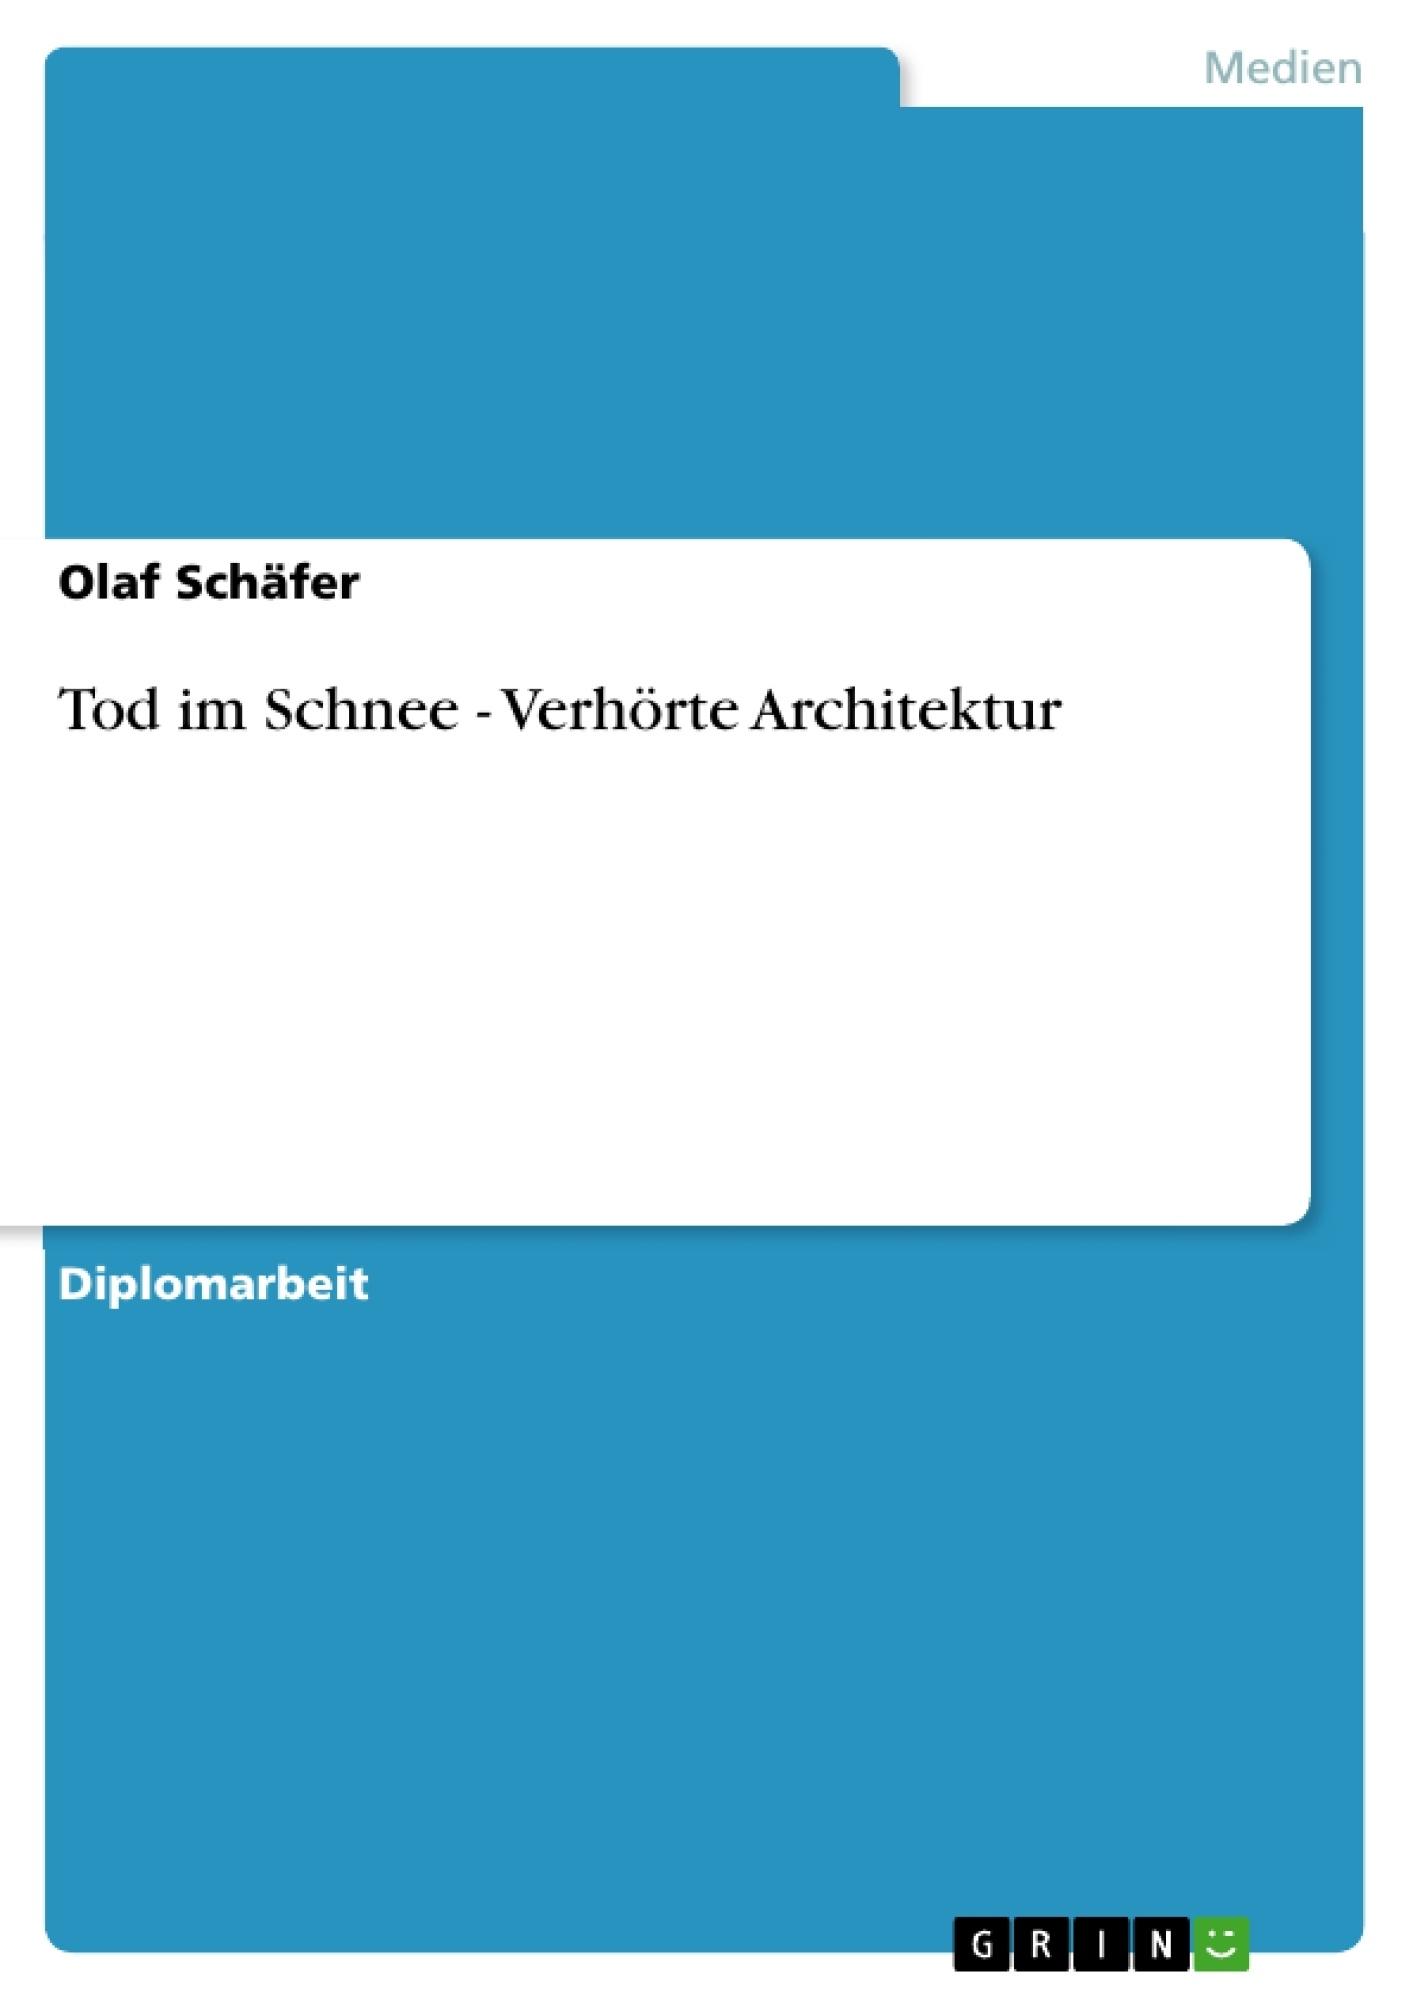 Titel: Tod im Schnee - Verhörte Architektur